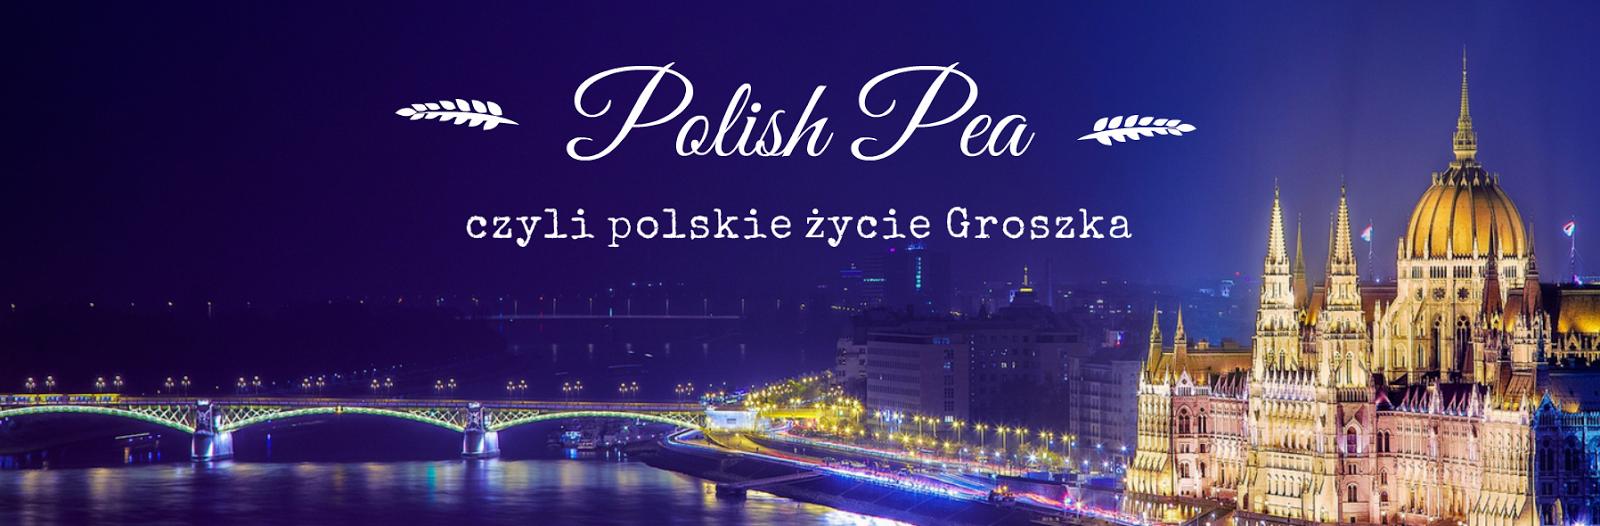 Polish Pea